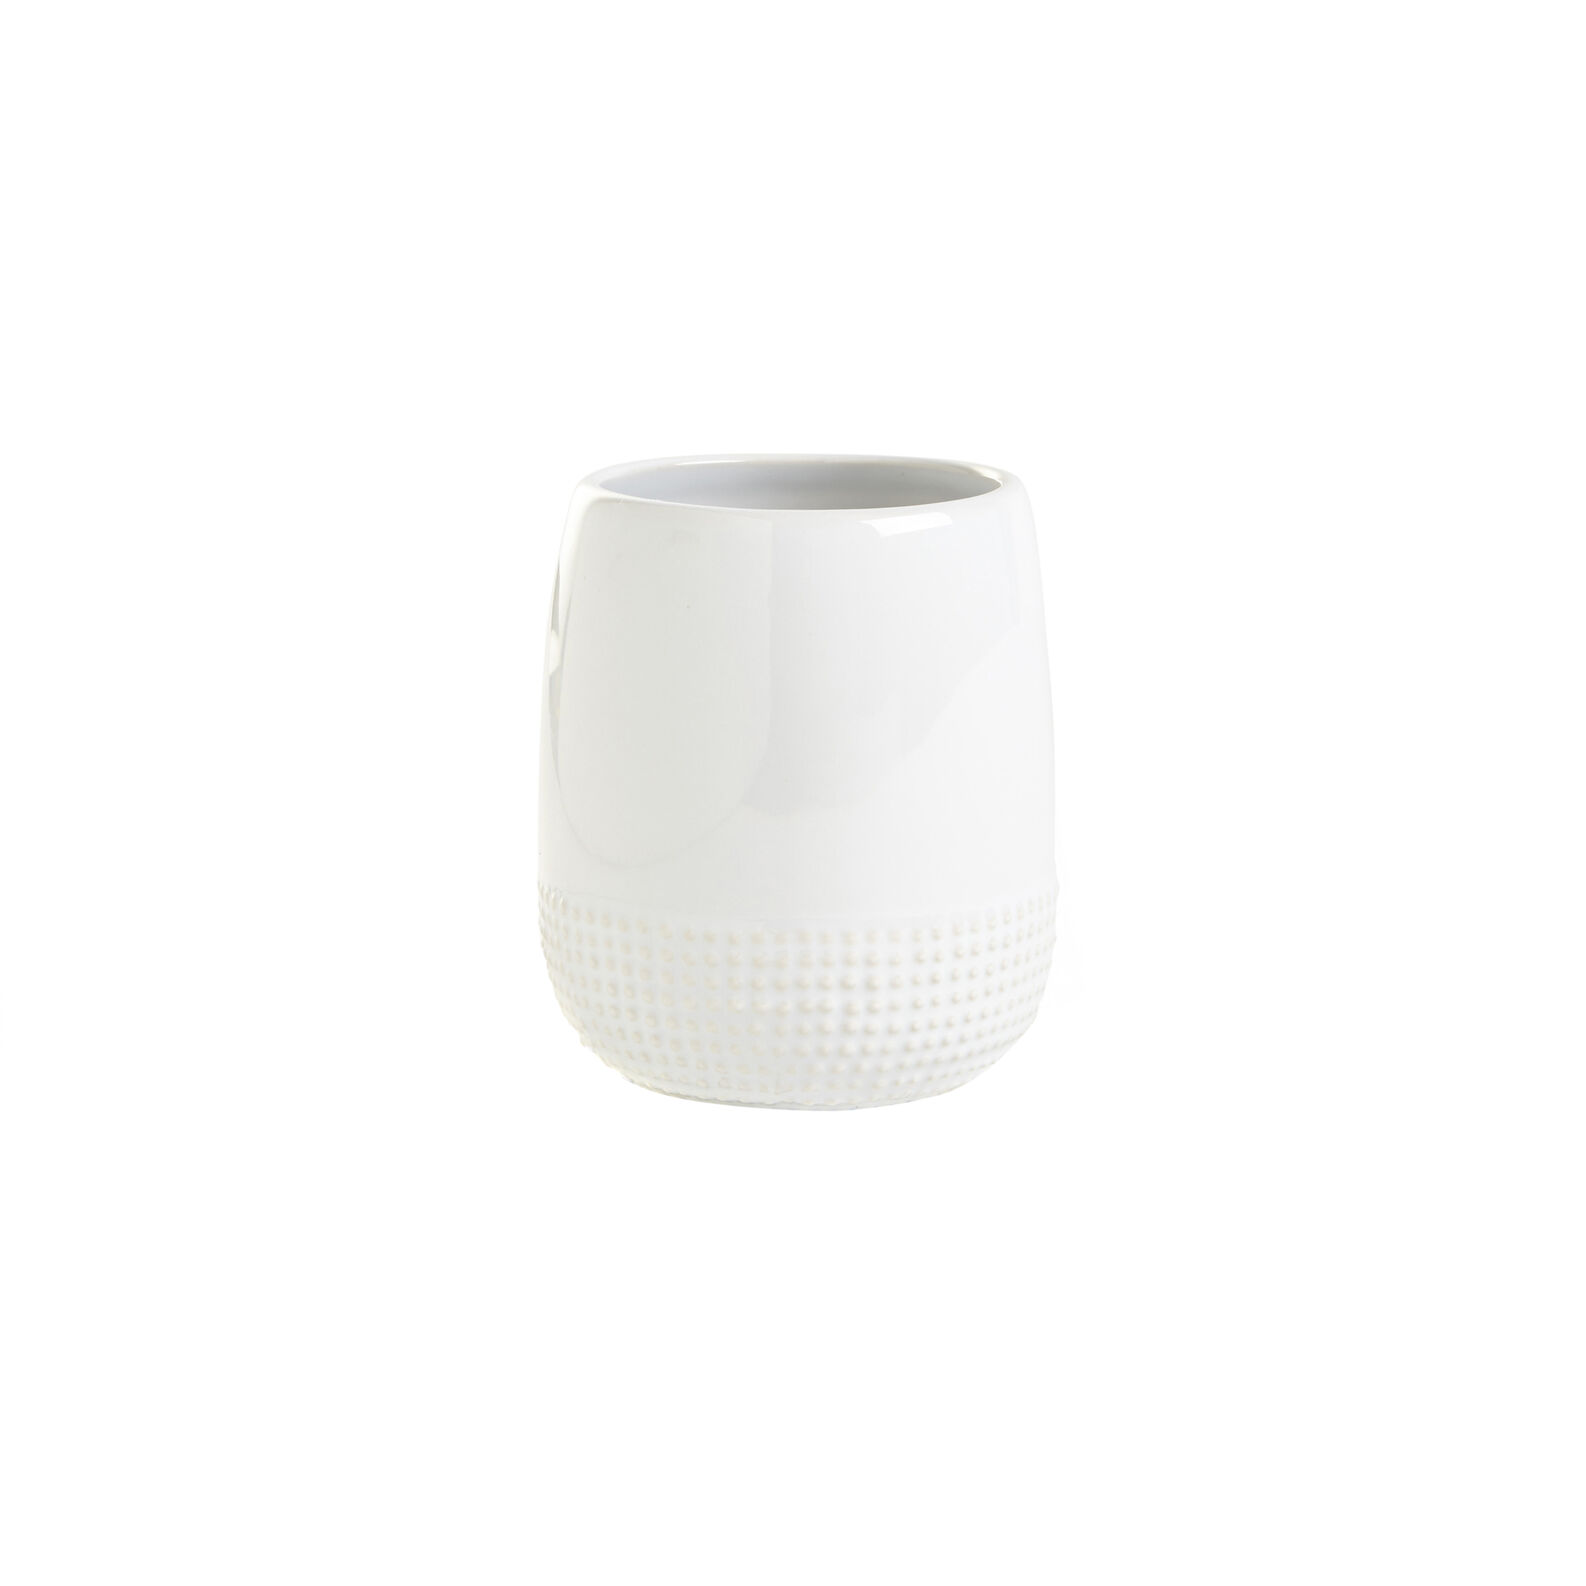 Portaspazzolino ceramica Dots